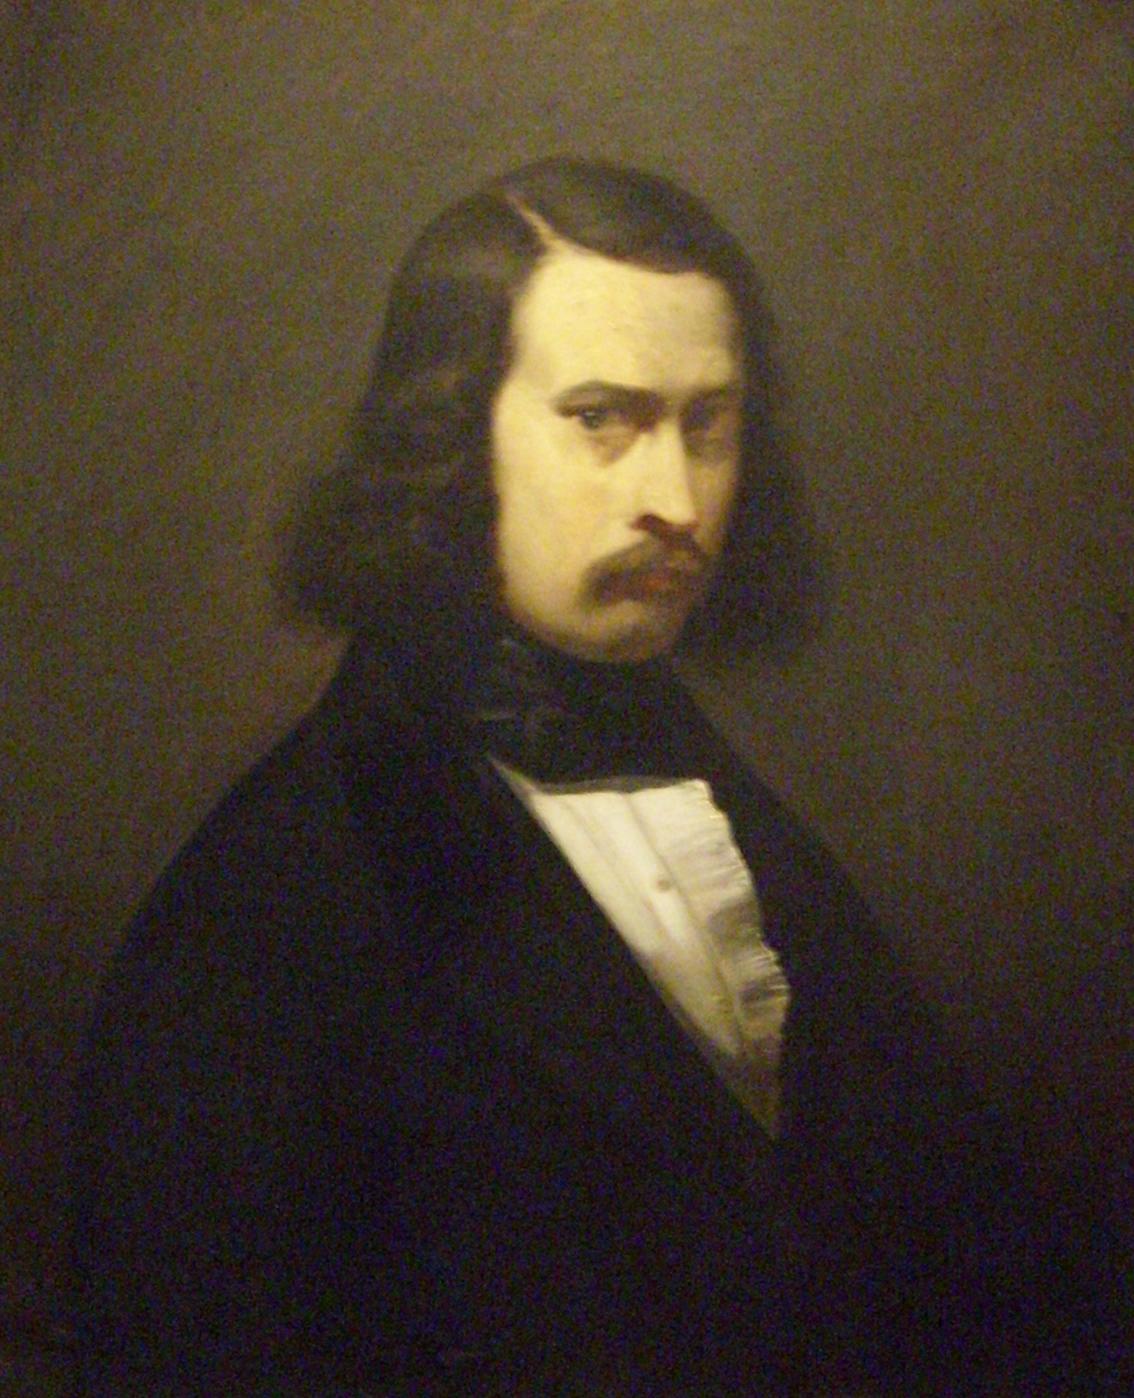 File:Jean-François Millet-Autoportrait.jpg - Wikimedia Commons